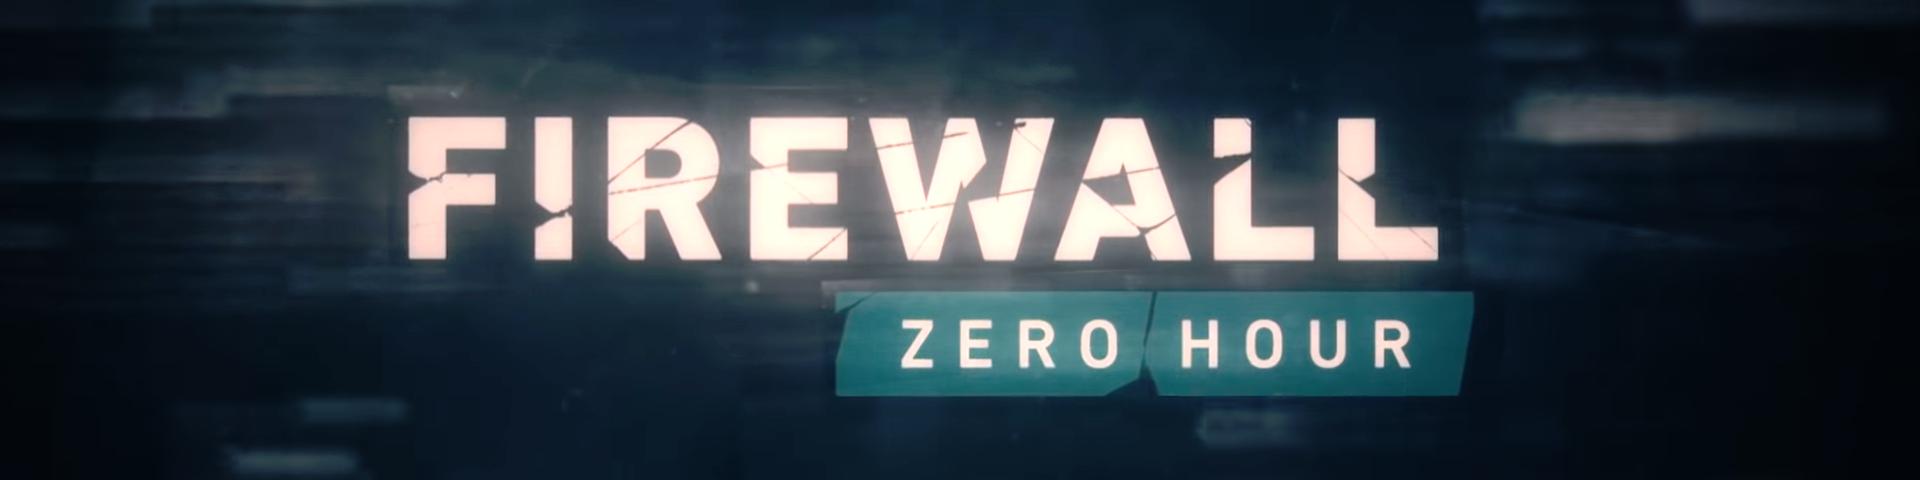 Firewall Zeor Hour Header.png